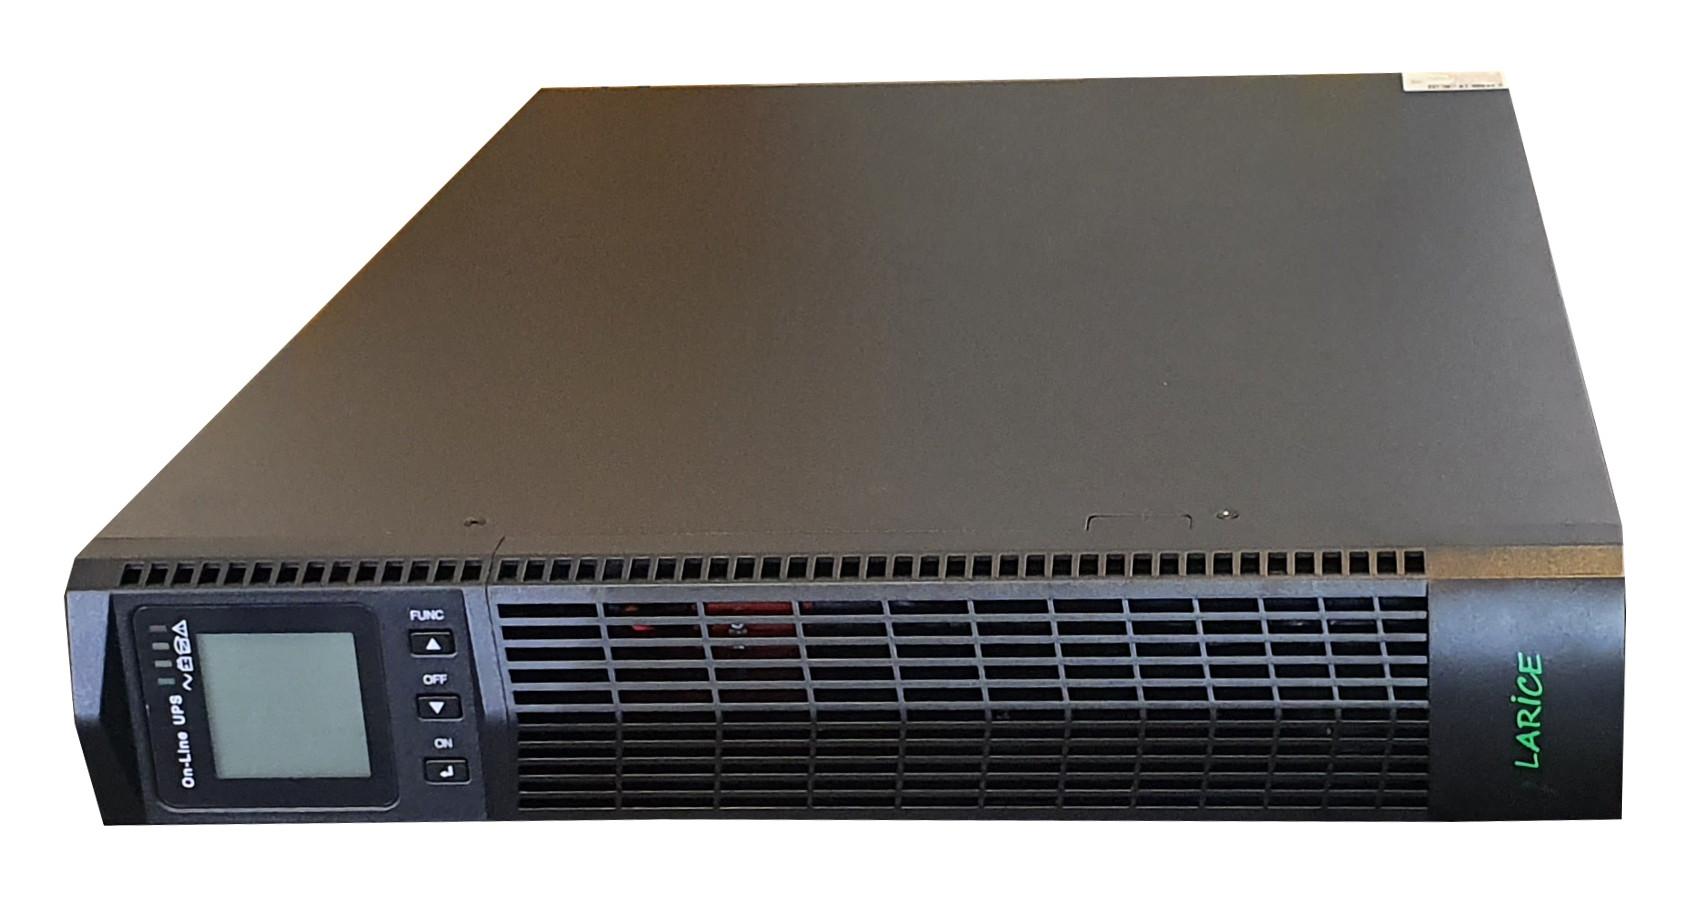 UPS LARICE Online Rack/tower 3000VA/3000W, 6 x 9Ah,8 x IEC13 | LARICE | UDC9103S-RT One